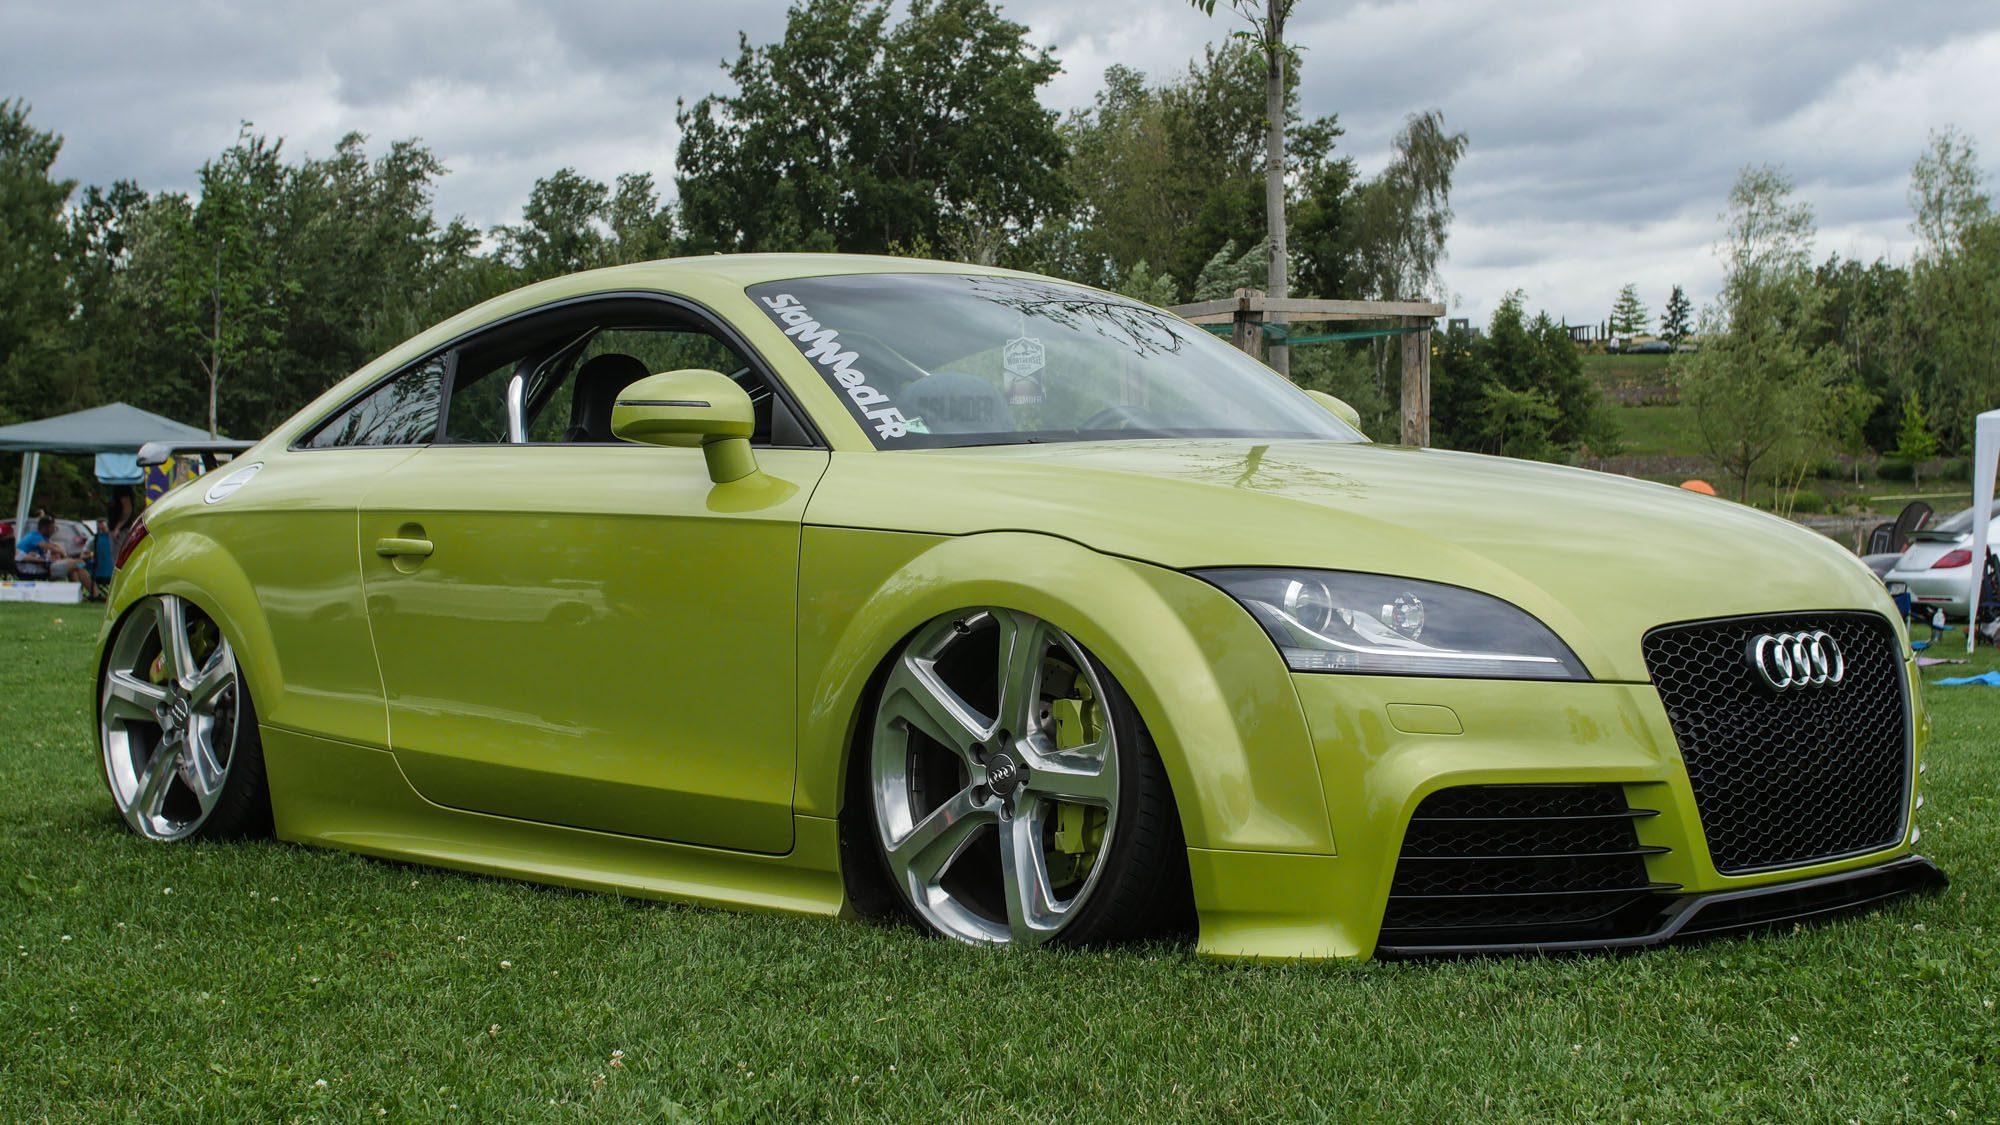 Frontparttie des Audi TT